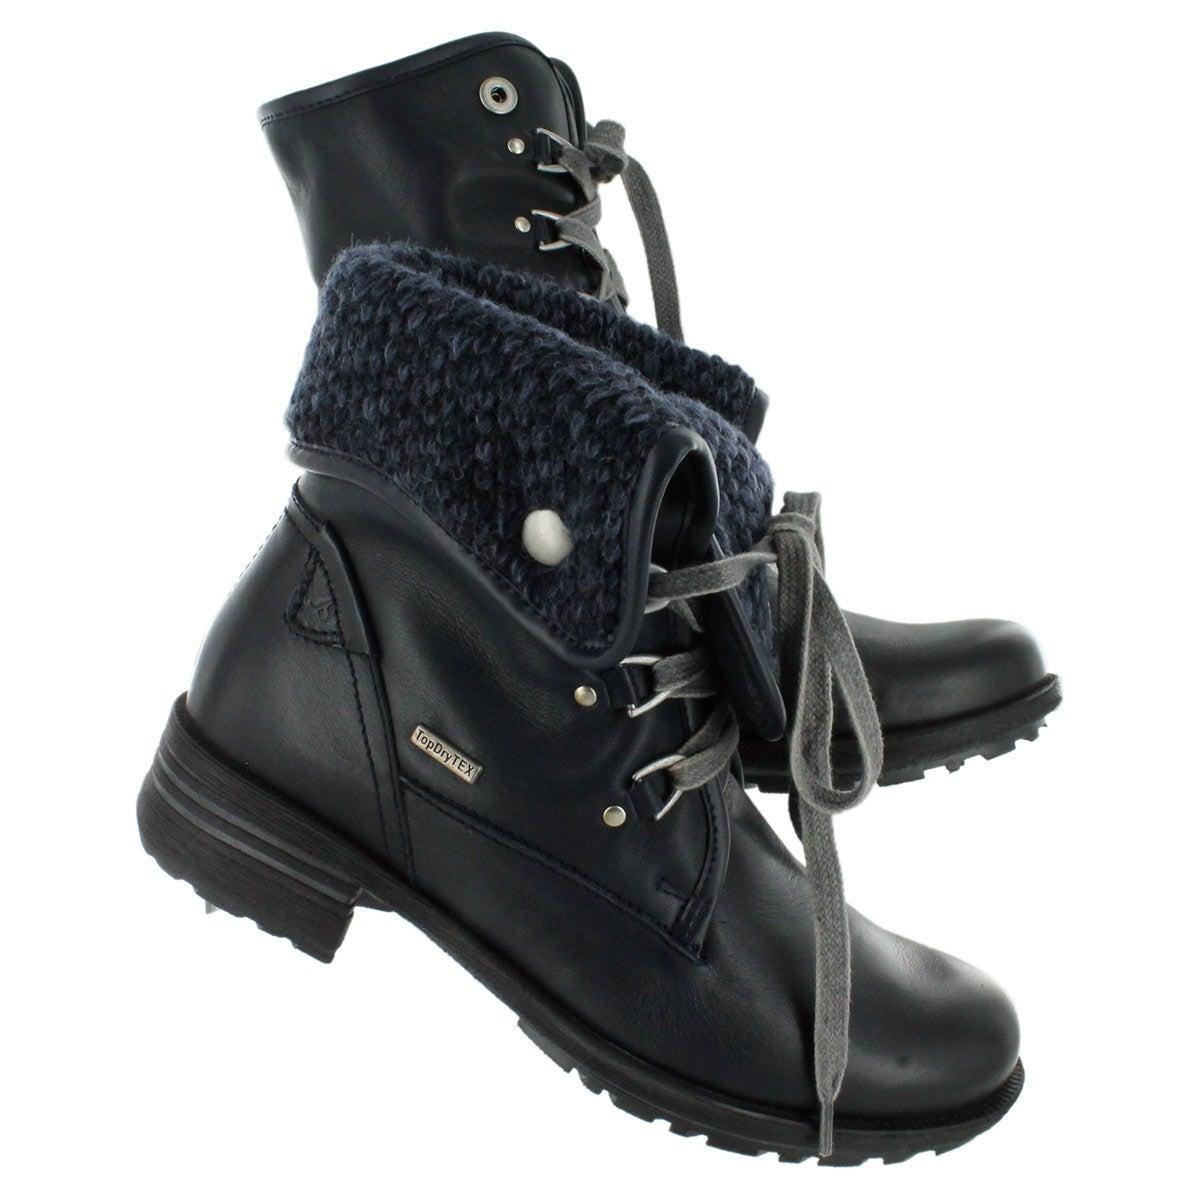 Lds Sandra 19 ocn lthr collar ankle boot